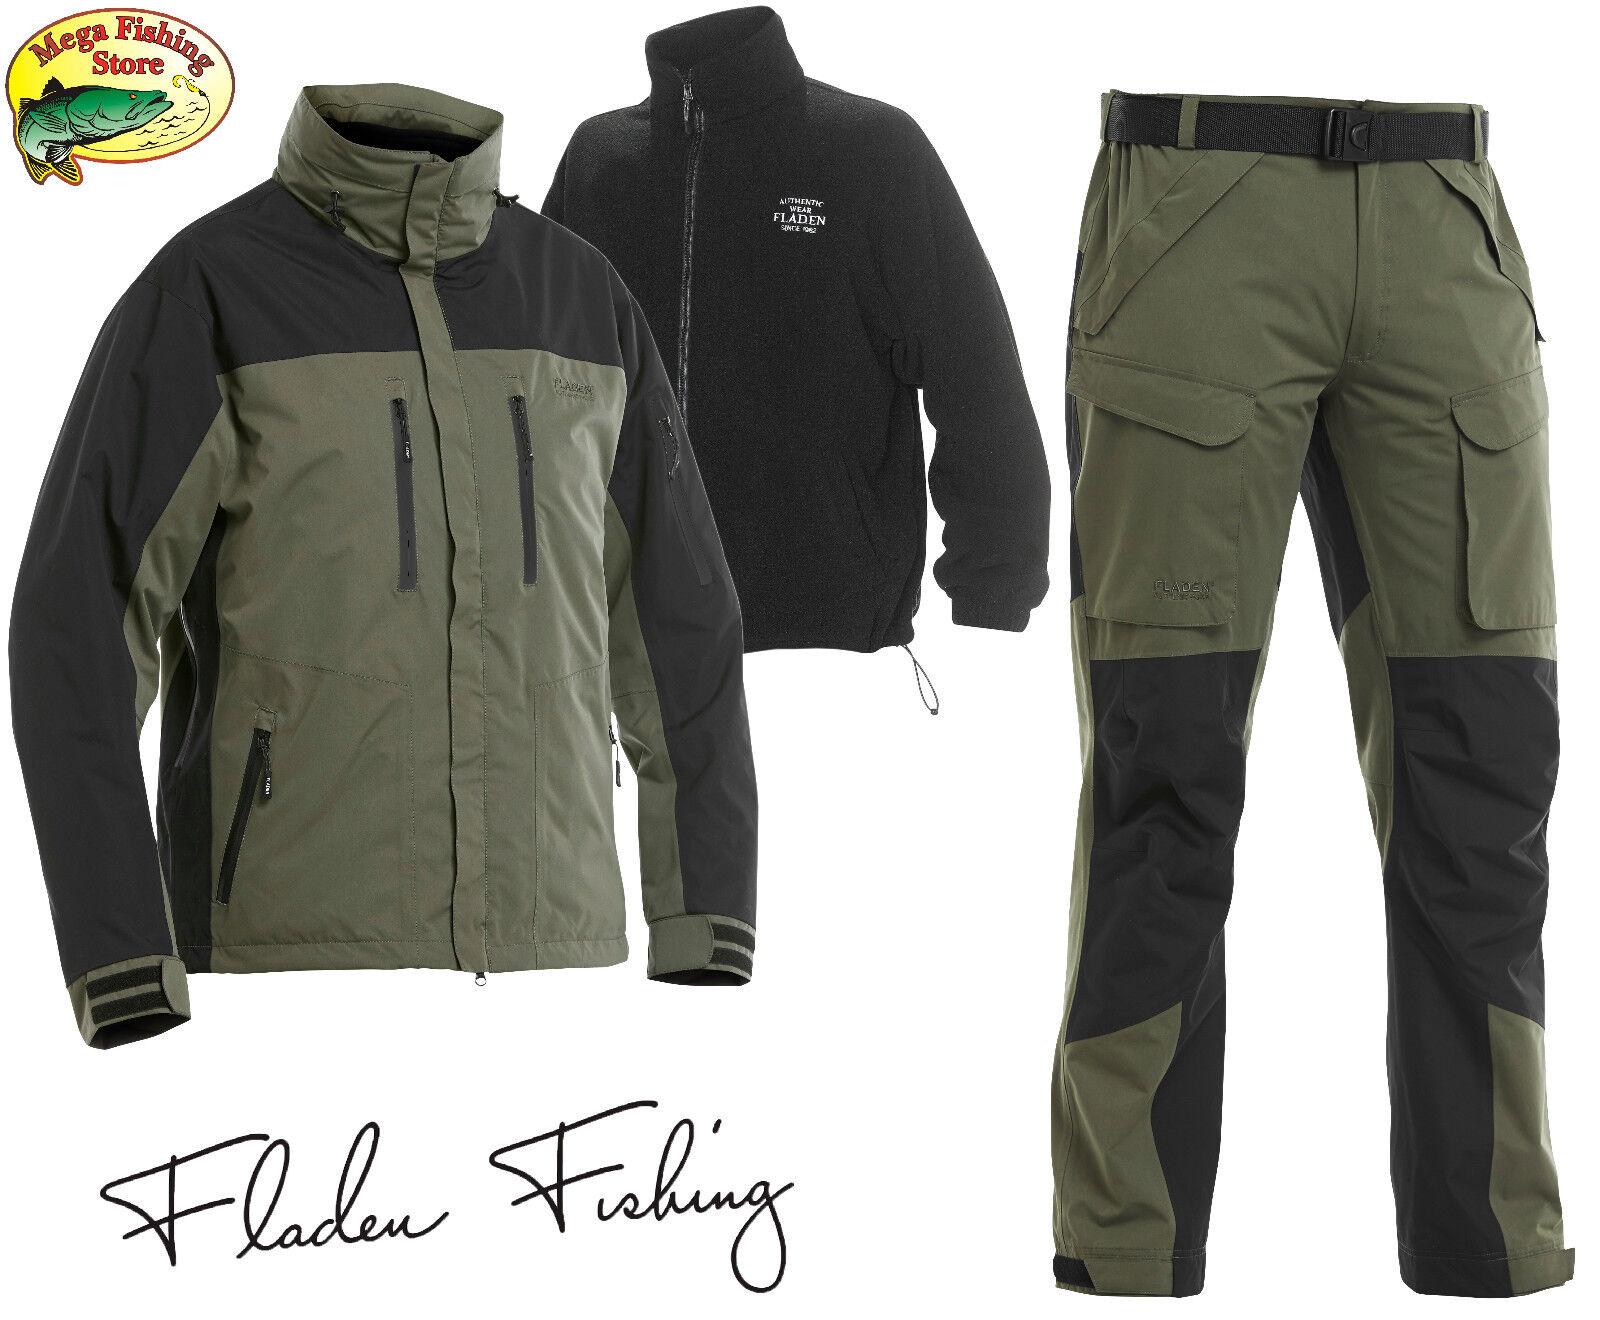 Fladen authentic 3in1 Thermo angel outdoor traje-invierno chaqueta & pantalones funcionen